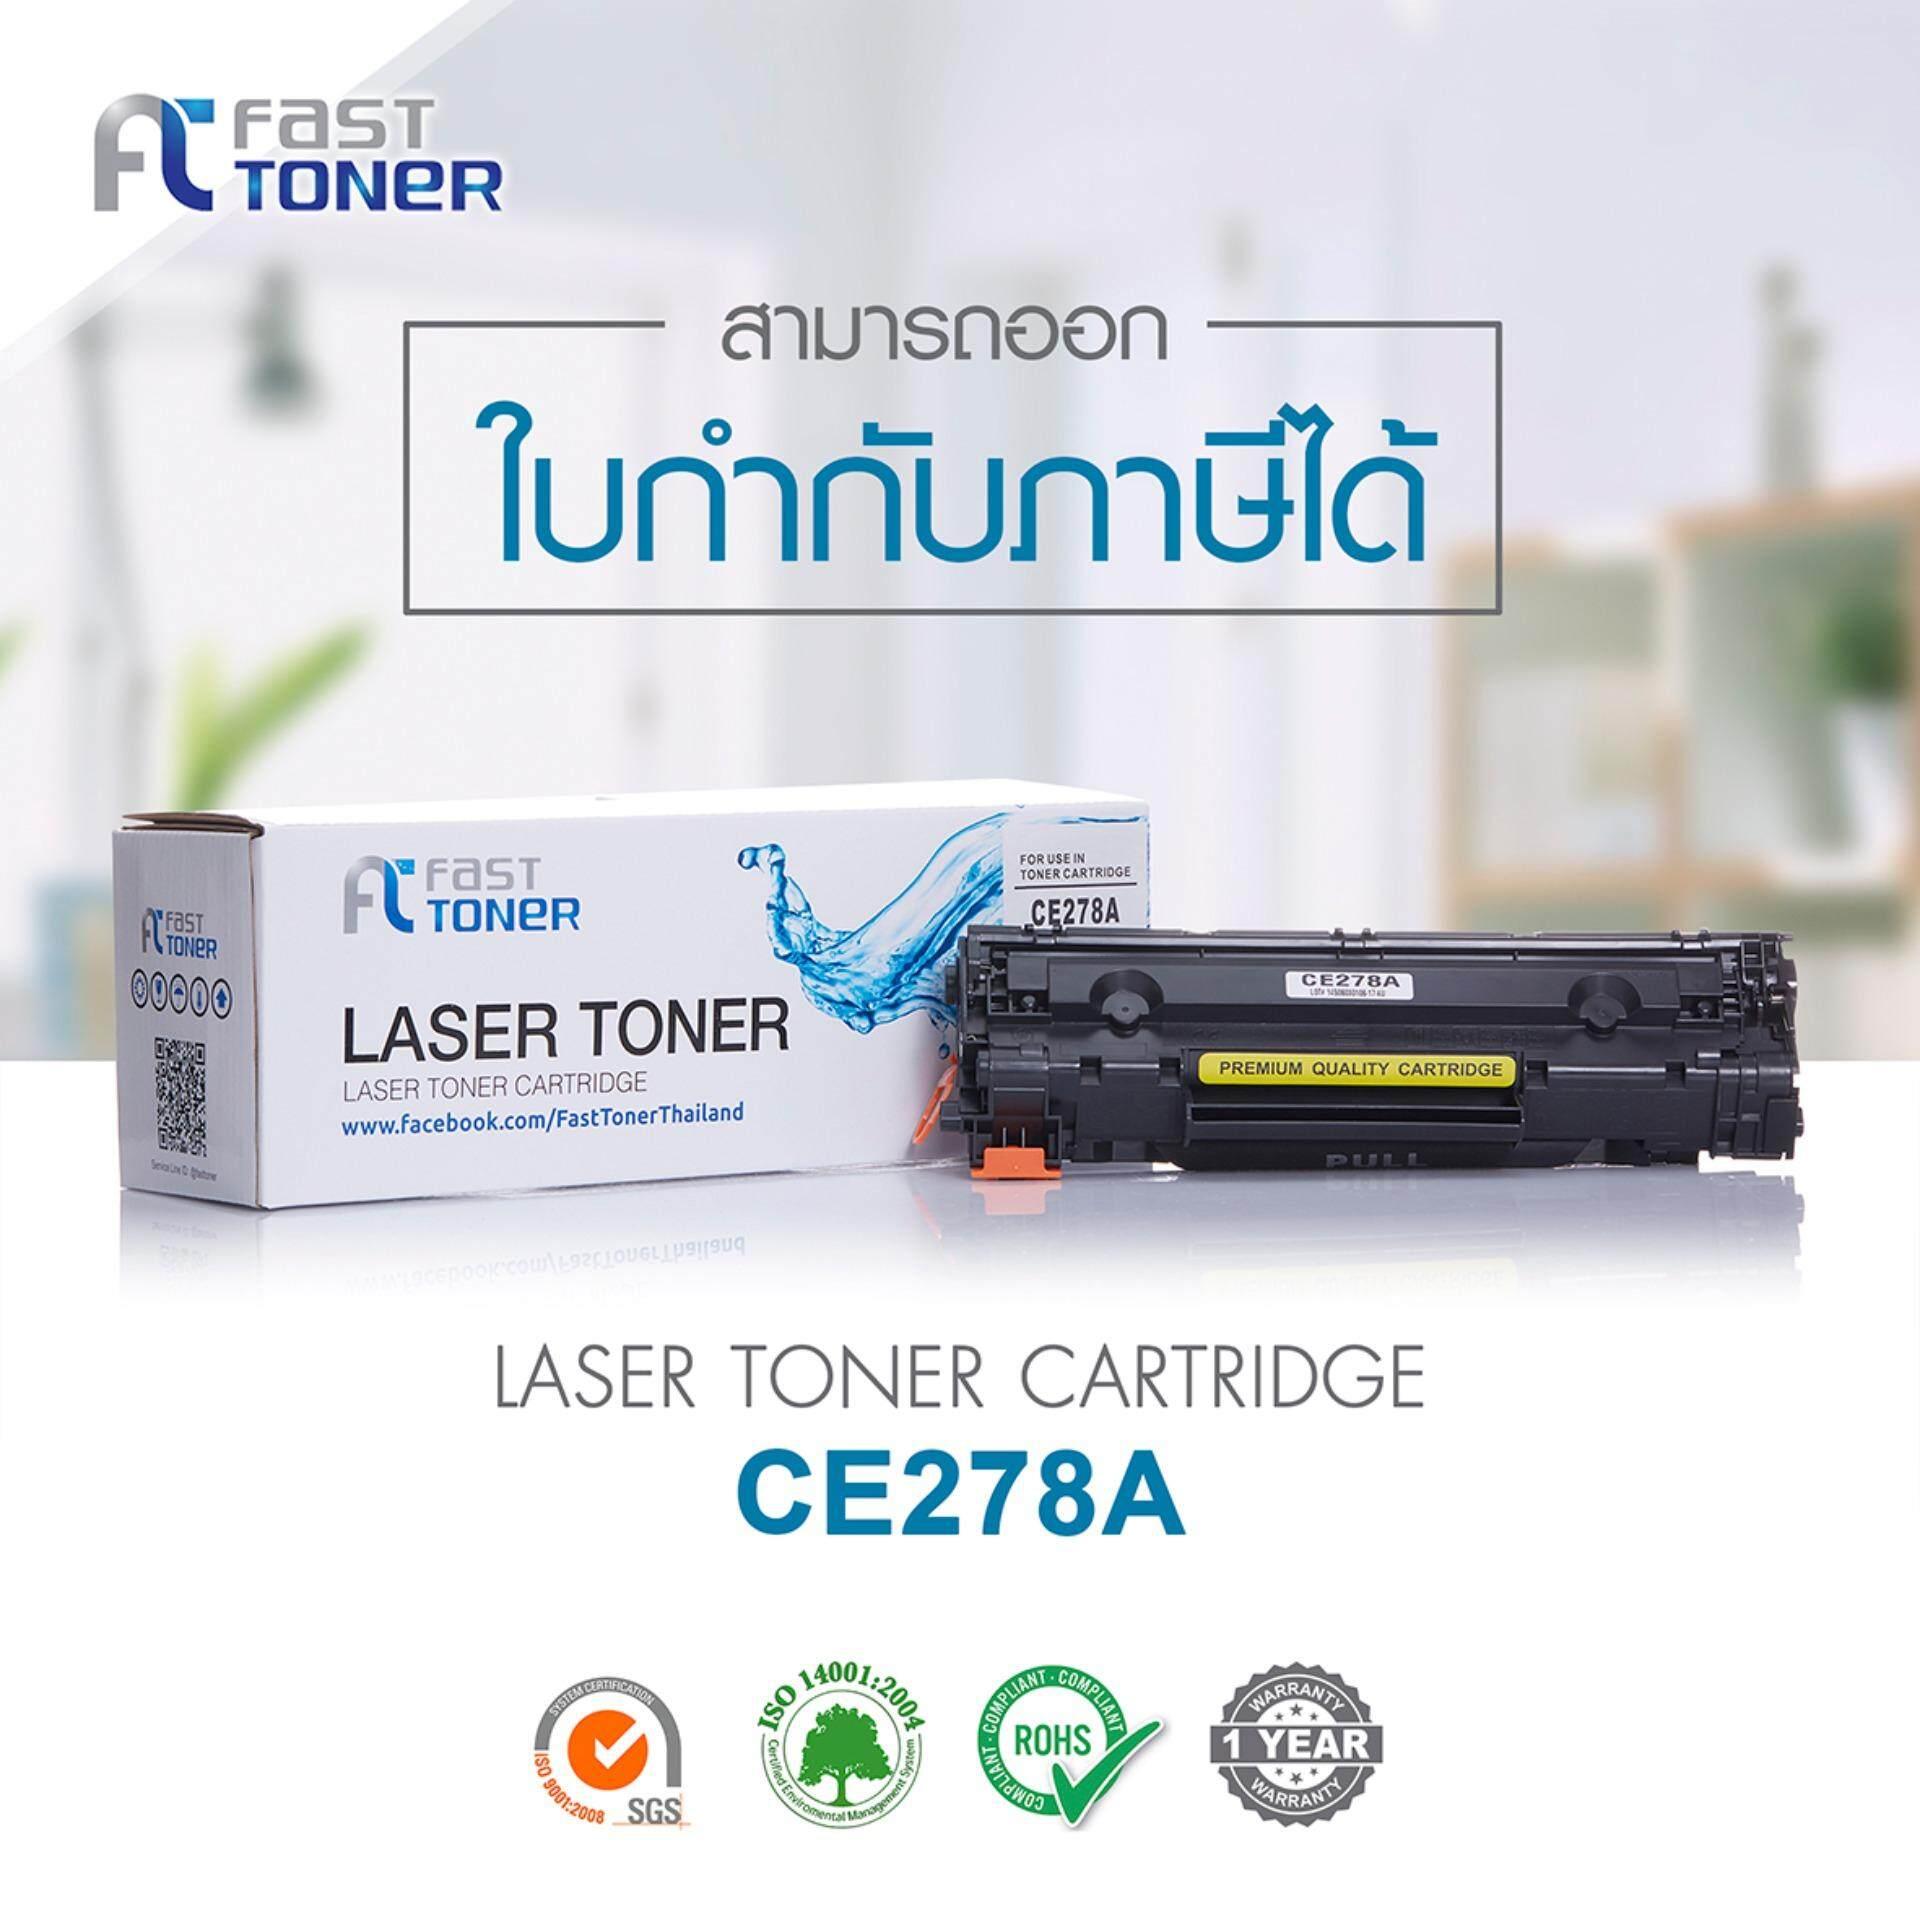 ราคา Hp Fast Toner Cartridge 78A Ce278A Black สำหรับเครื่องพิมพ์ Hp Laserjet Pro P1560 P1566 P1600 P1606Dn และ Canon I Sensys Mf4410 4420 4430 4450 4550D 4570D 4580Dn D520 Canon Laser Shot Lbp3250 เป็นต้นฉบับ